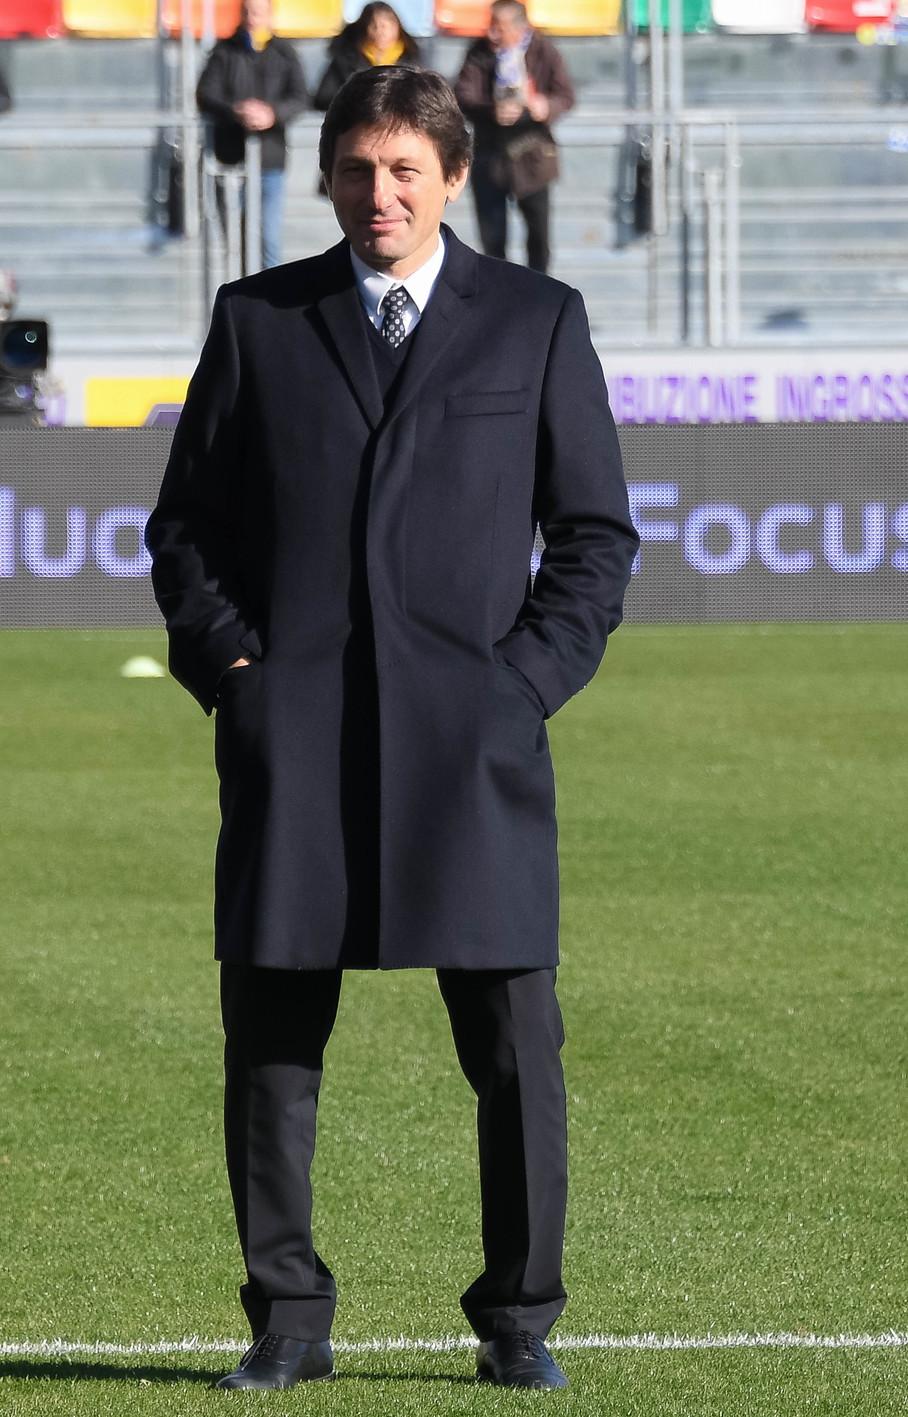 LEONARDO - 48 panchine nel Milan nel 2009/2010 e nel dicembre successivo prende il posto di Benitez all'Inter